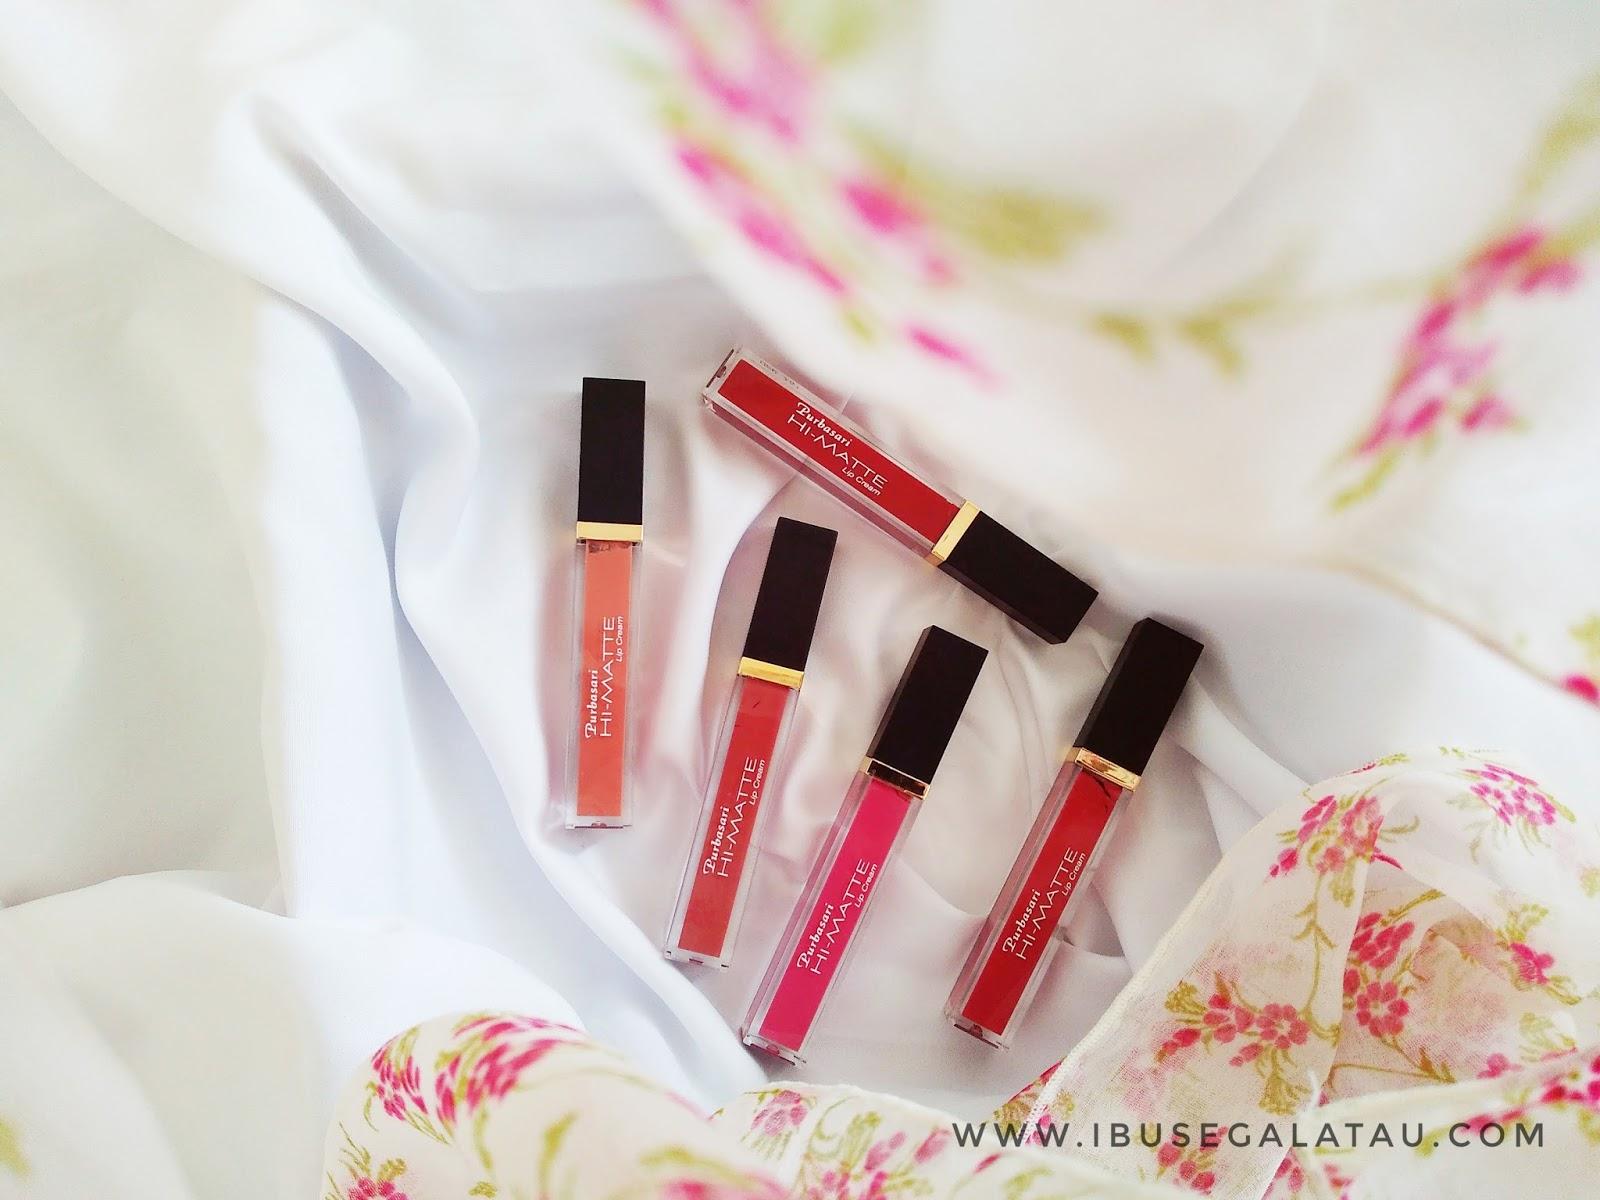 Ibu Segala Tau Review Purbasari Hi Matte Lip Cream Hydra Series Satu Hal Lagi Yang Saya Suka Adalah Teskturnya Sangat Ringan Di Bibir Berasa Nggak Pakai Lipstick Deh Bagus Banget